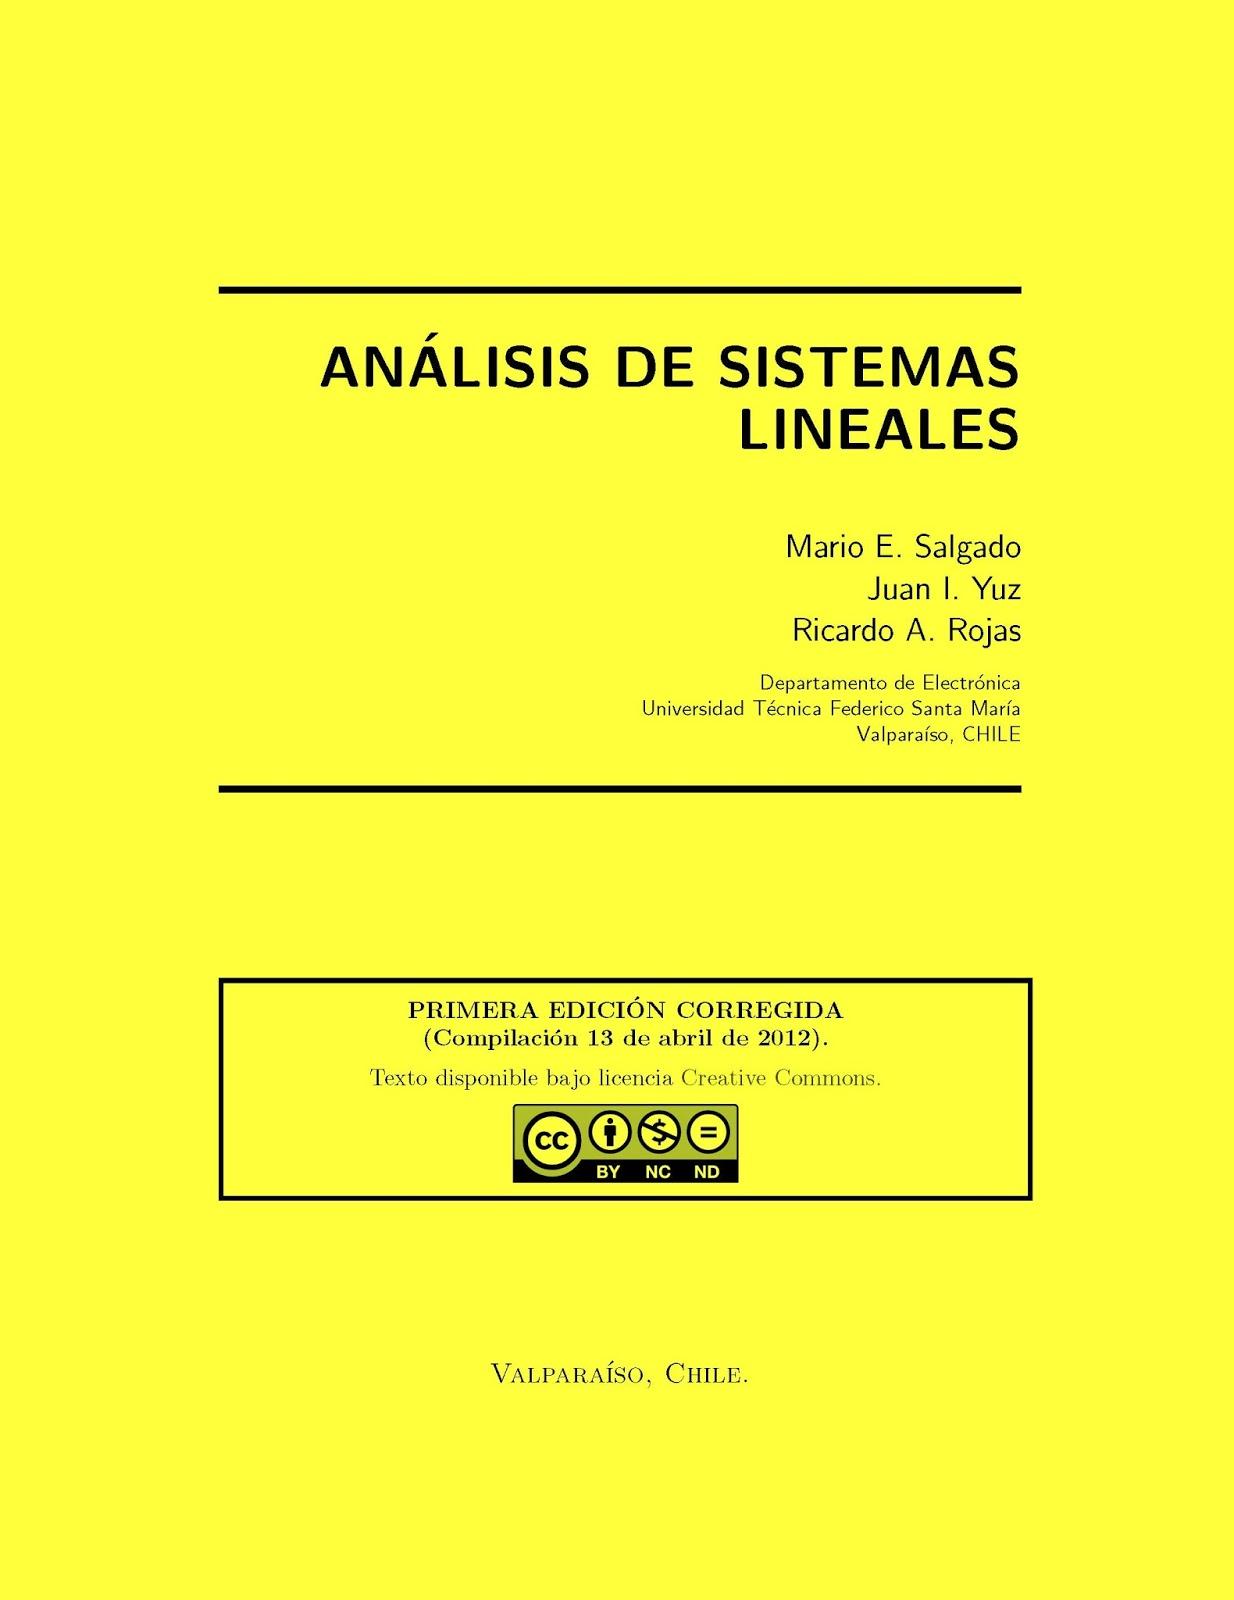 Análisis de sistemas lineales